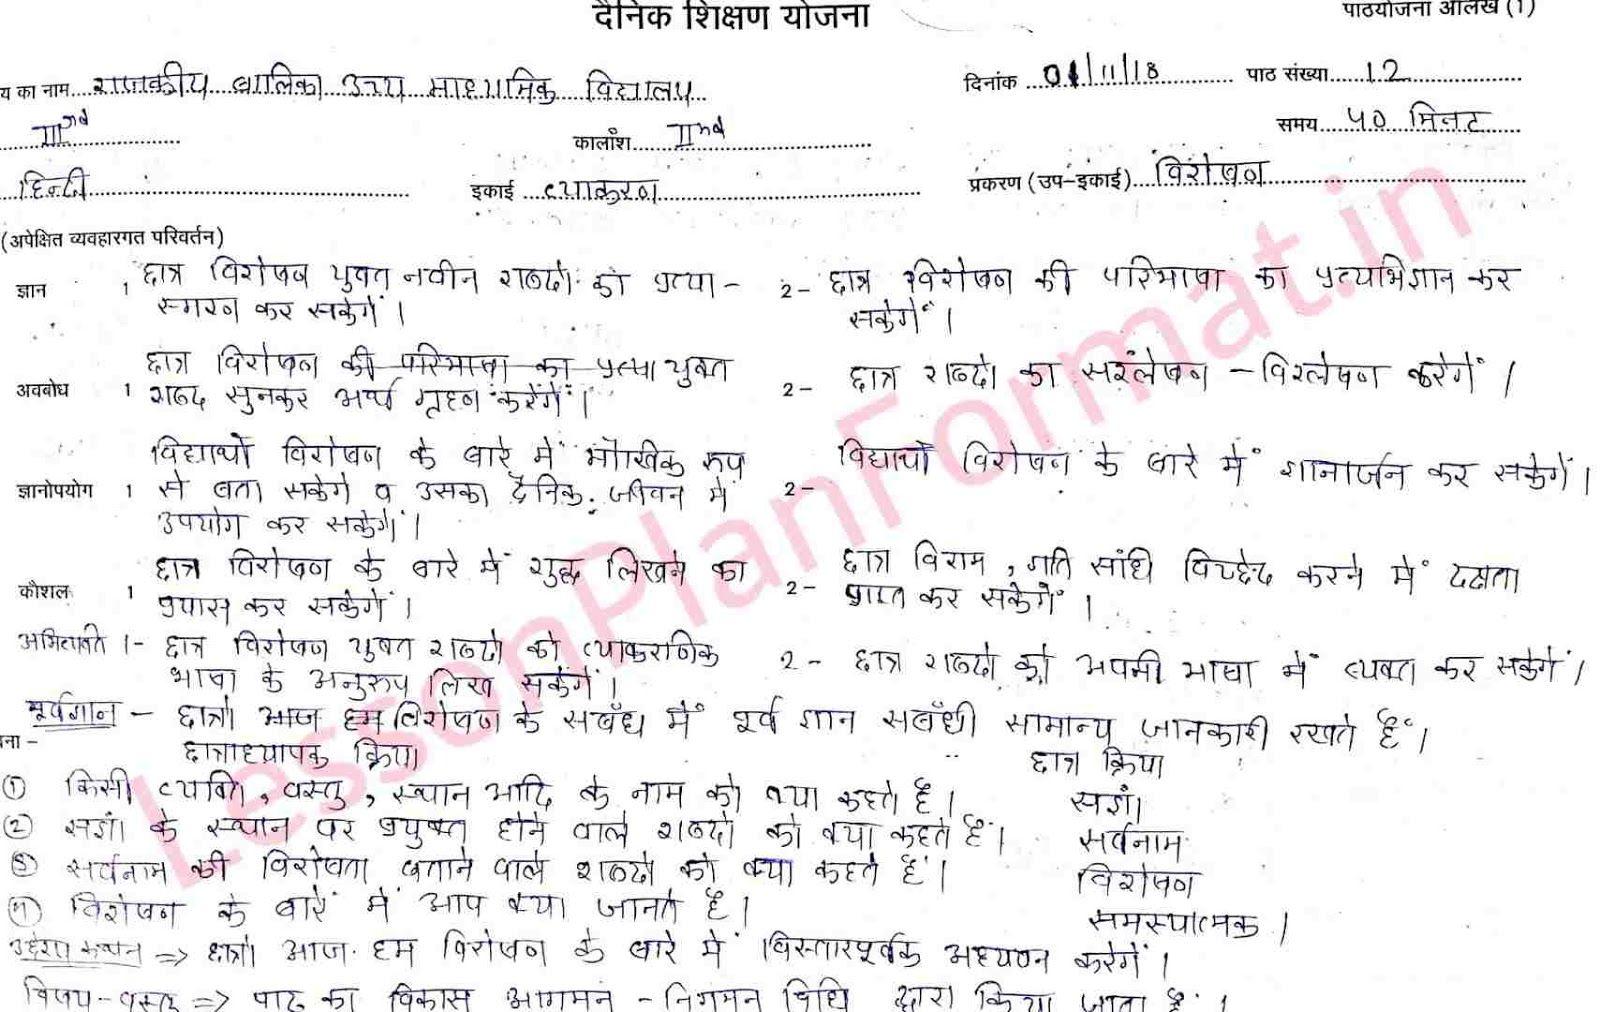 Hindi Vyakaran Visheshan Lesson Plan Lesson Plan In Hindi How To Plan Lesson Plan Format [ 1012 x 1600 Pixel ]